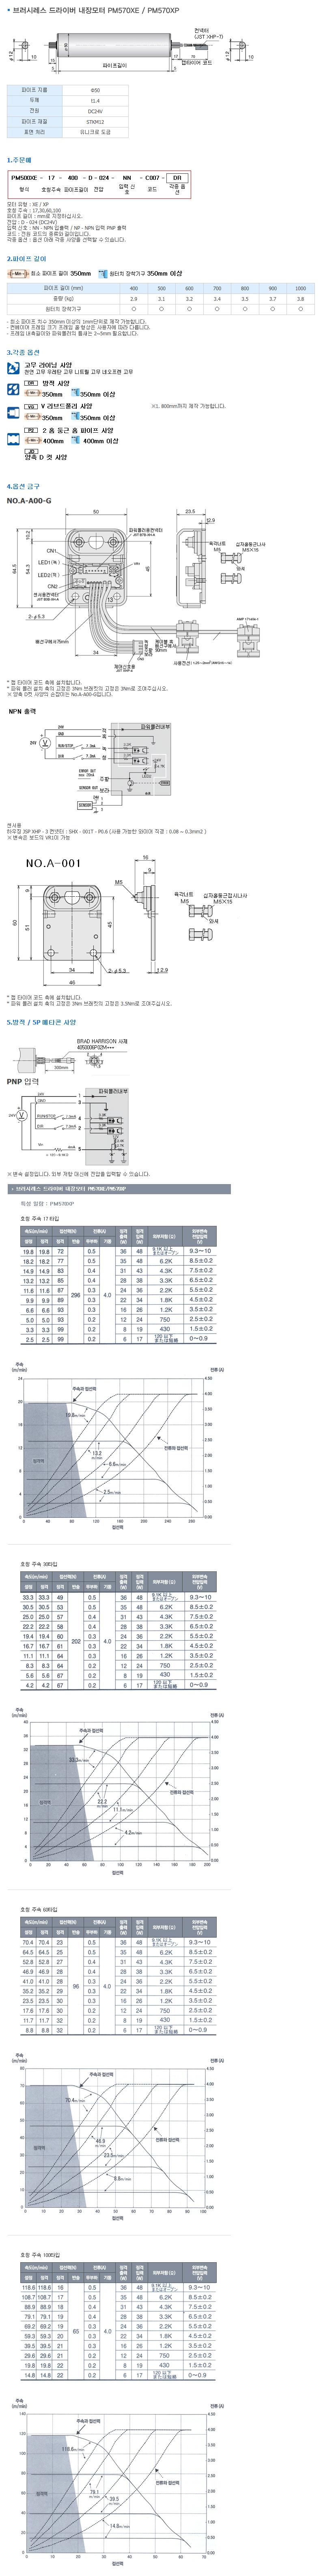 (주)은현산업 브러시레스 드라이버 내장모터 PM570XP